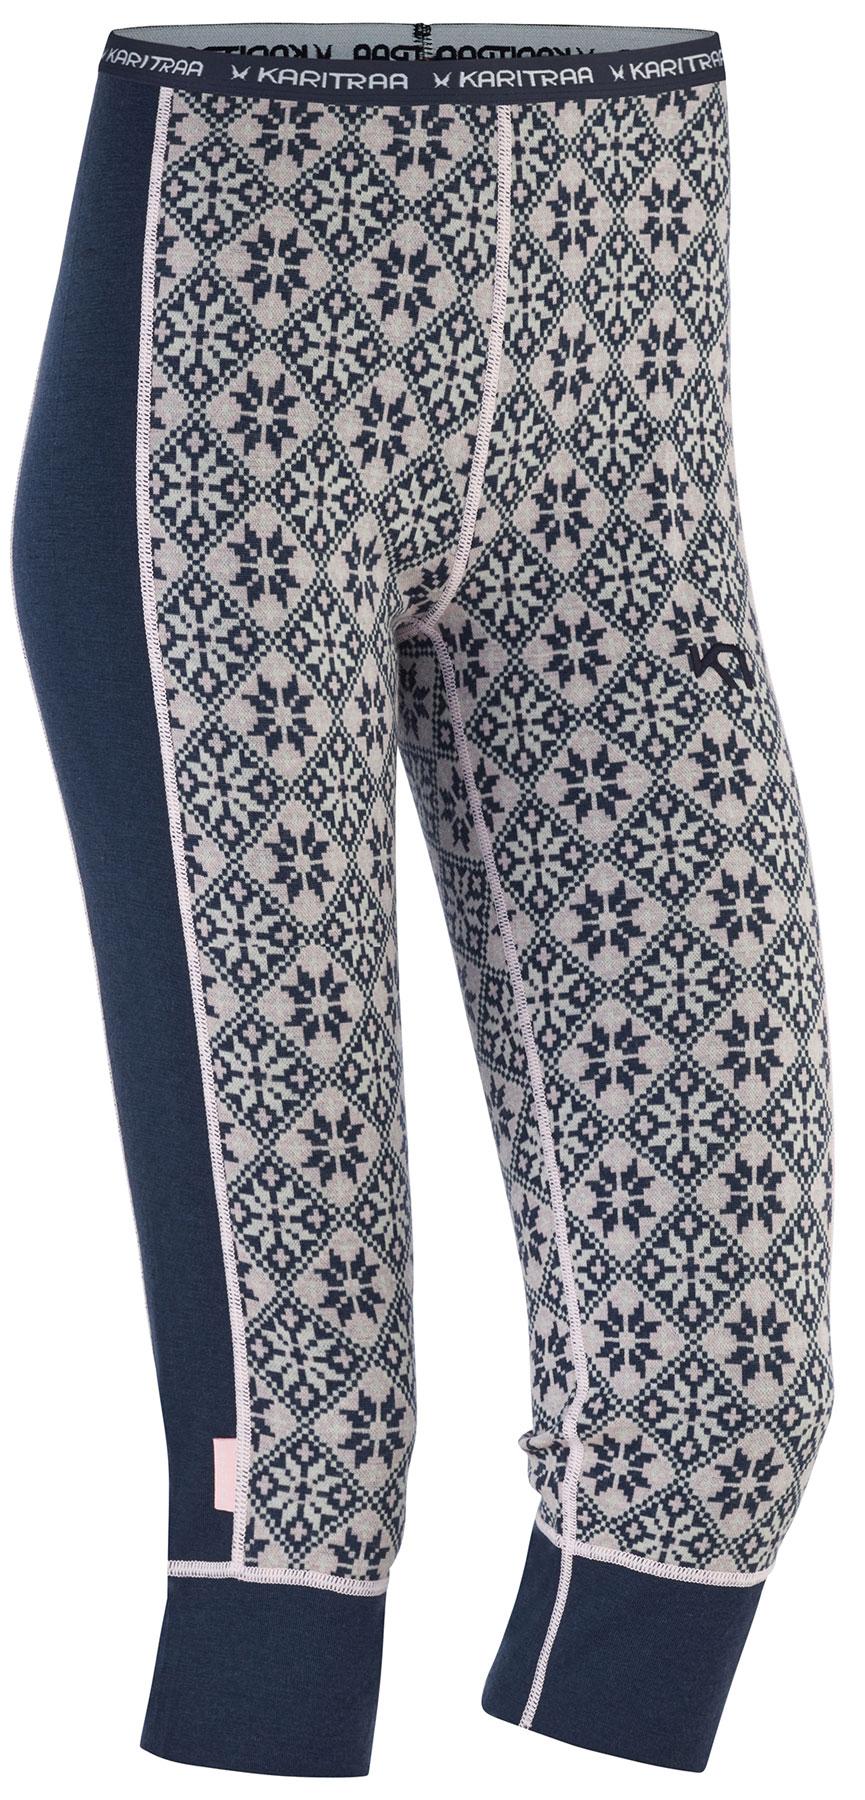 Image of Kari Traa Rose Capri Women's Underpants - marin